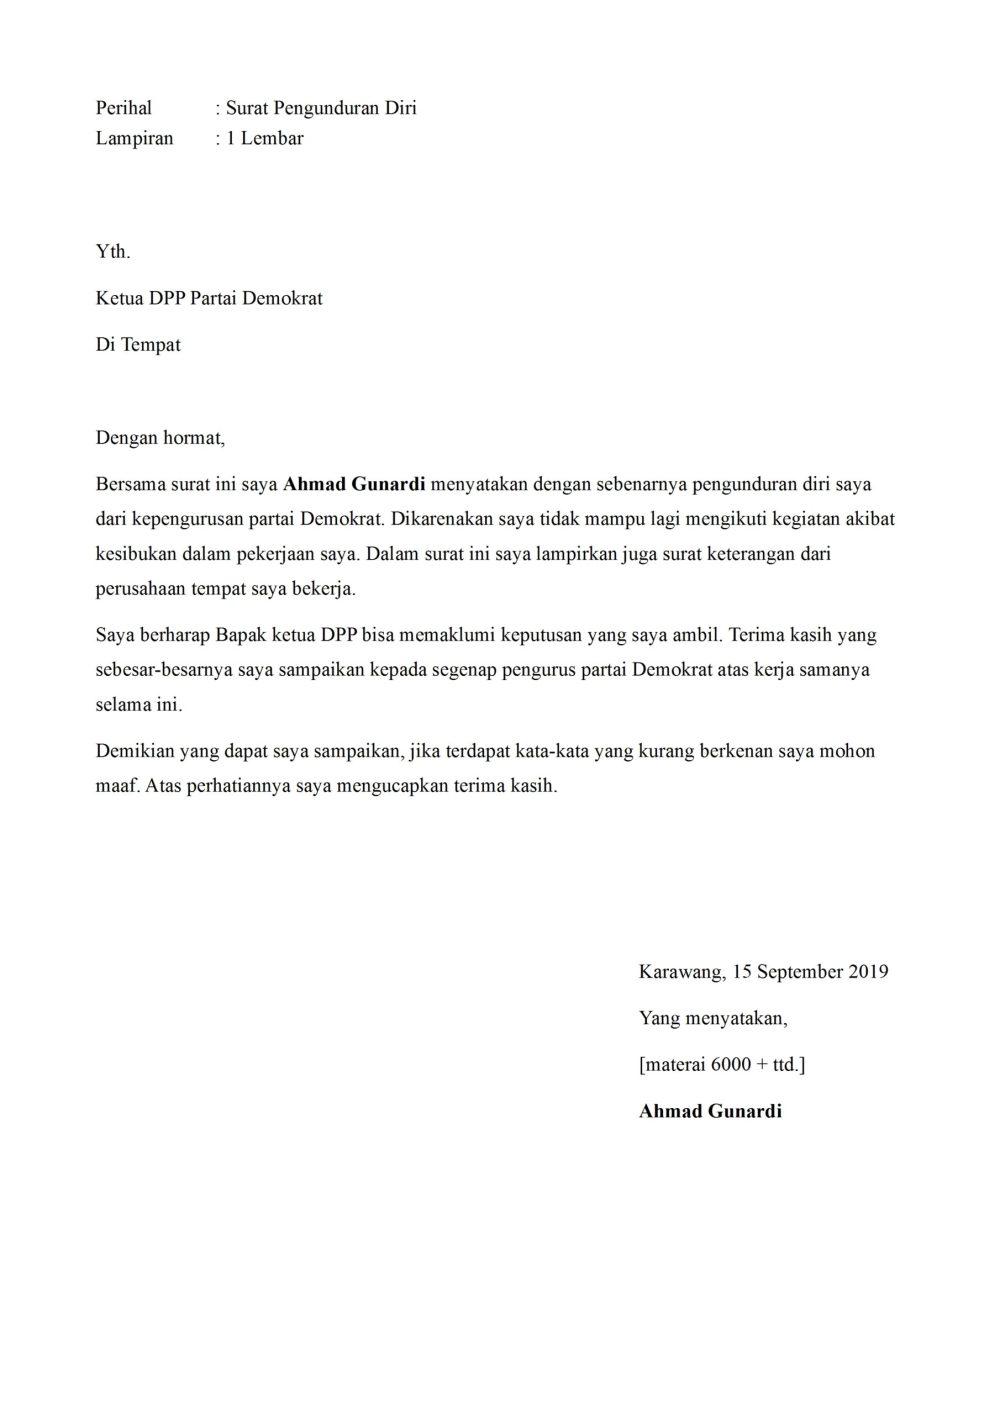 12. Contoh Surat Permohonan Pengunduran Diri Dari Partai Politik